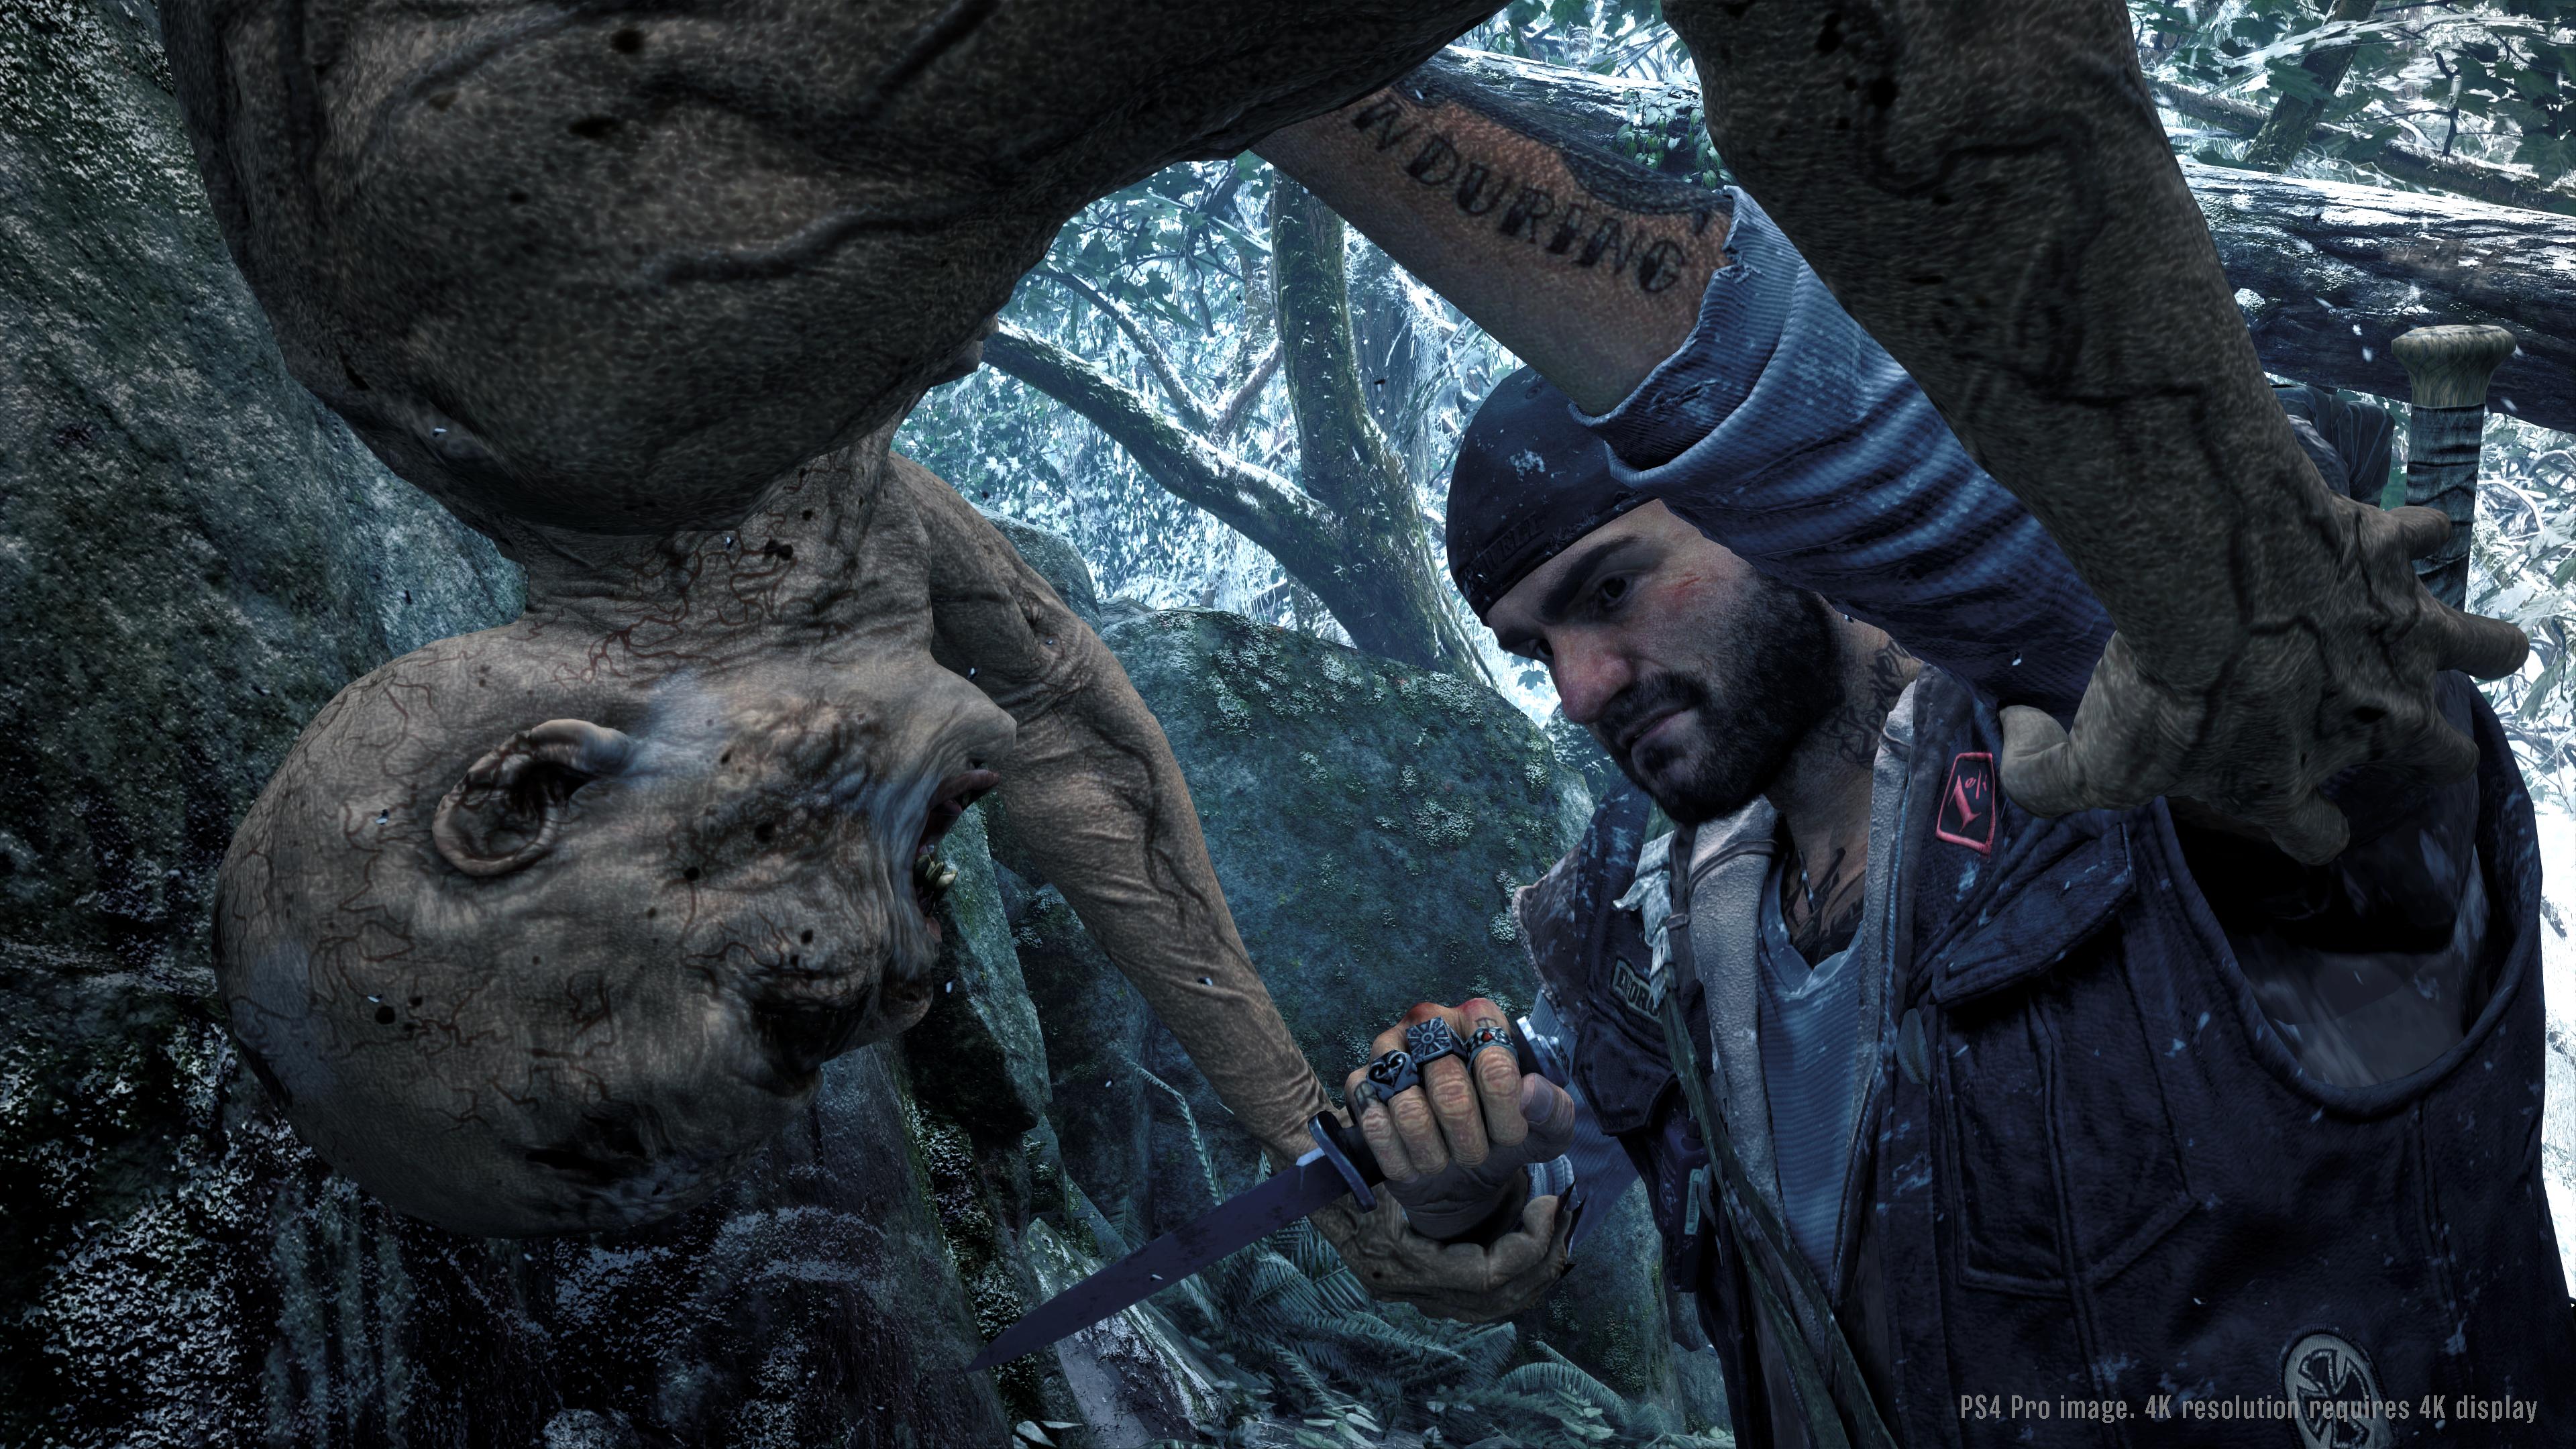 33117584648 178821e2cd o - Days Gone: Was ihr über das PS4-exklusive Action-Adventure unbedingt wissen müsst!